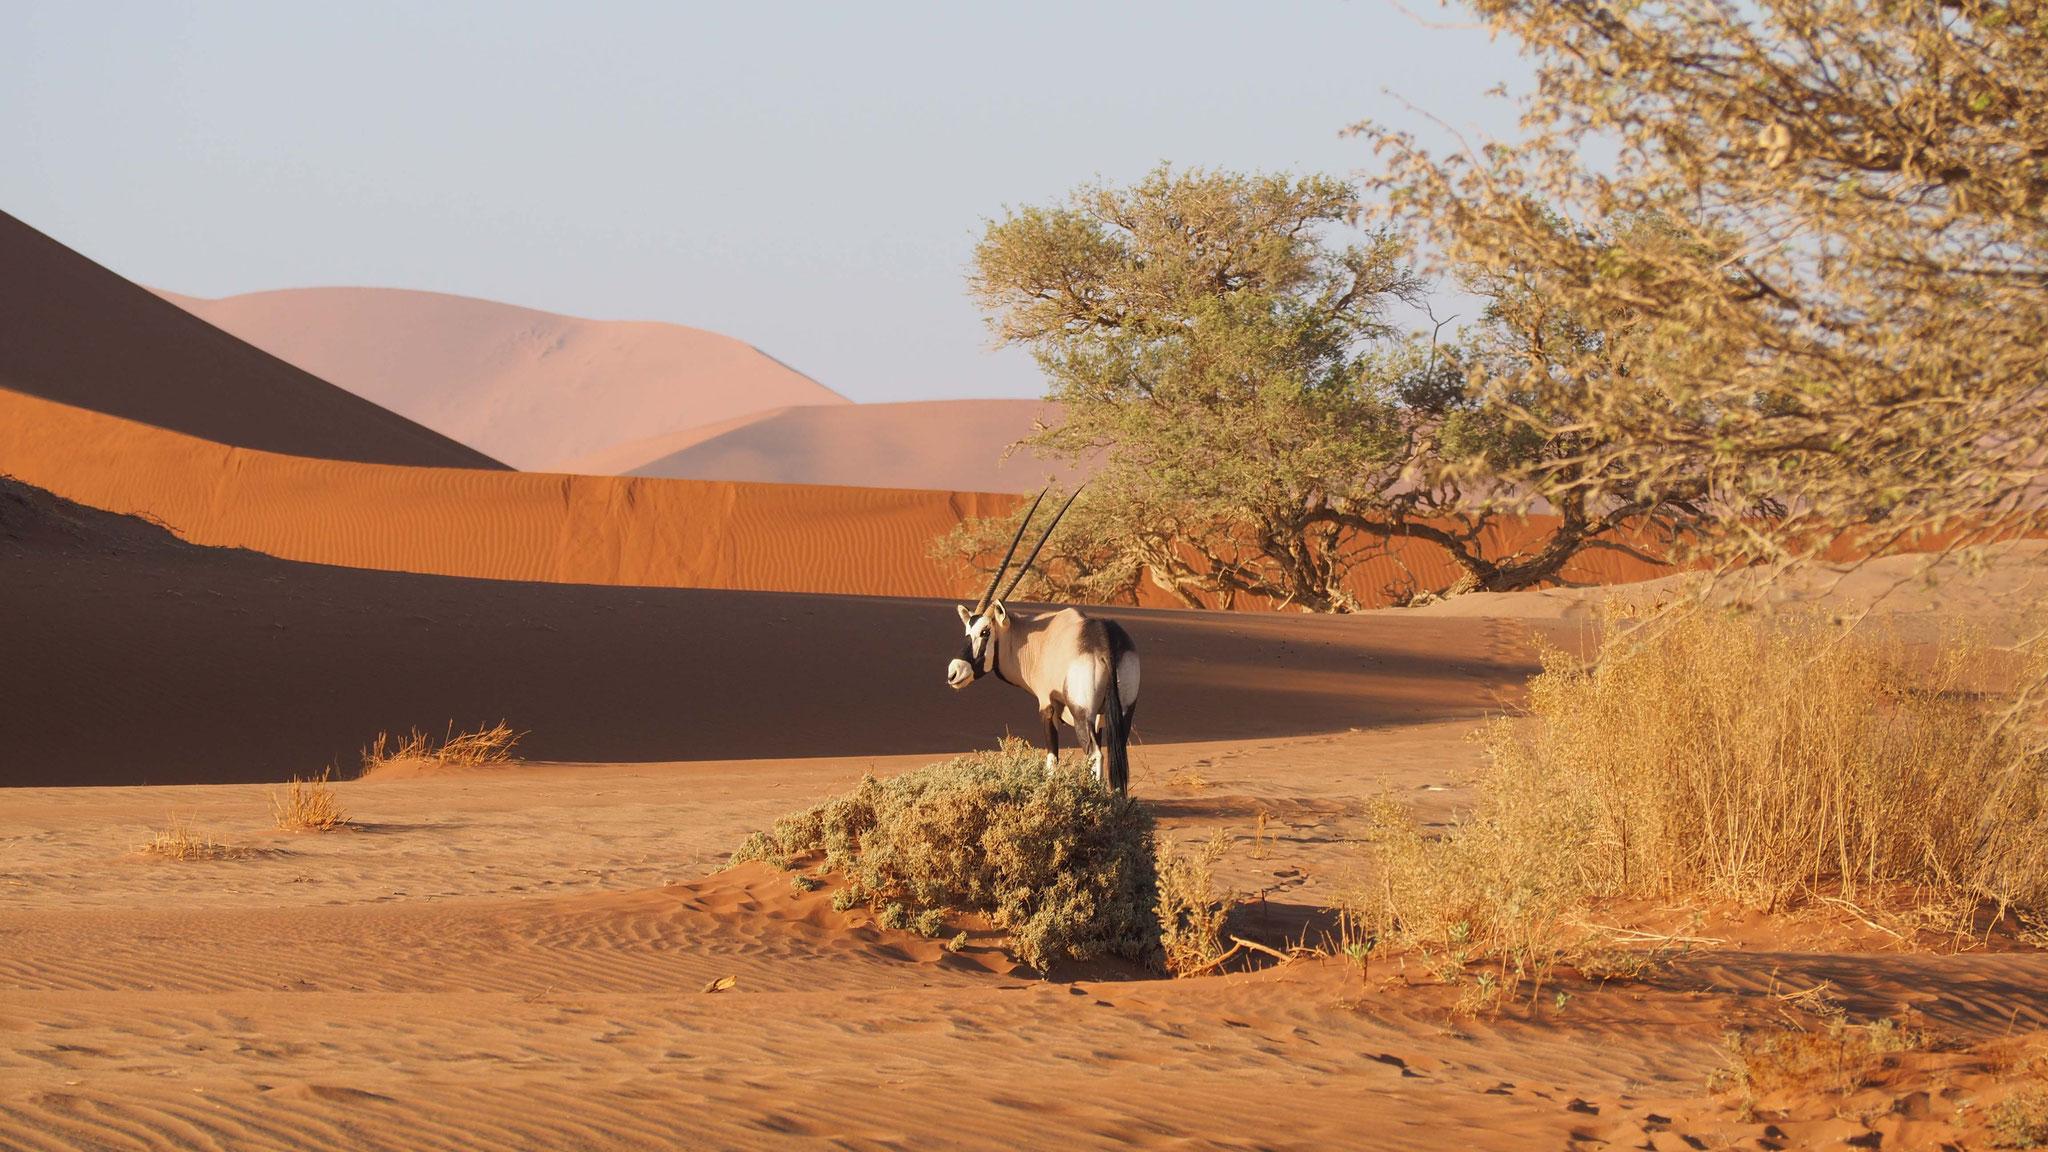 Oryx dans le désert - Namibie